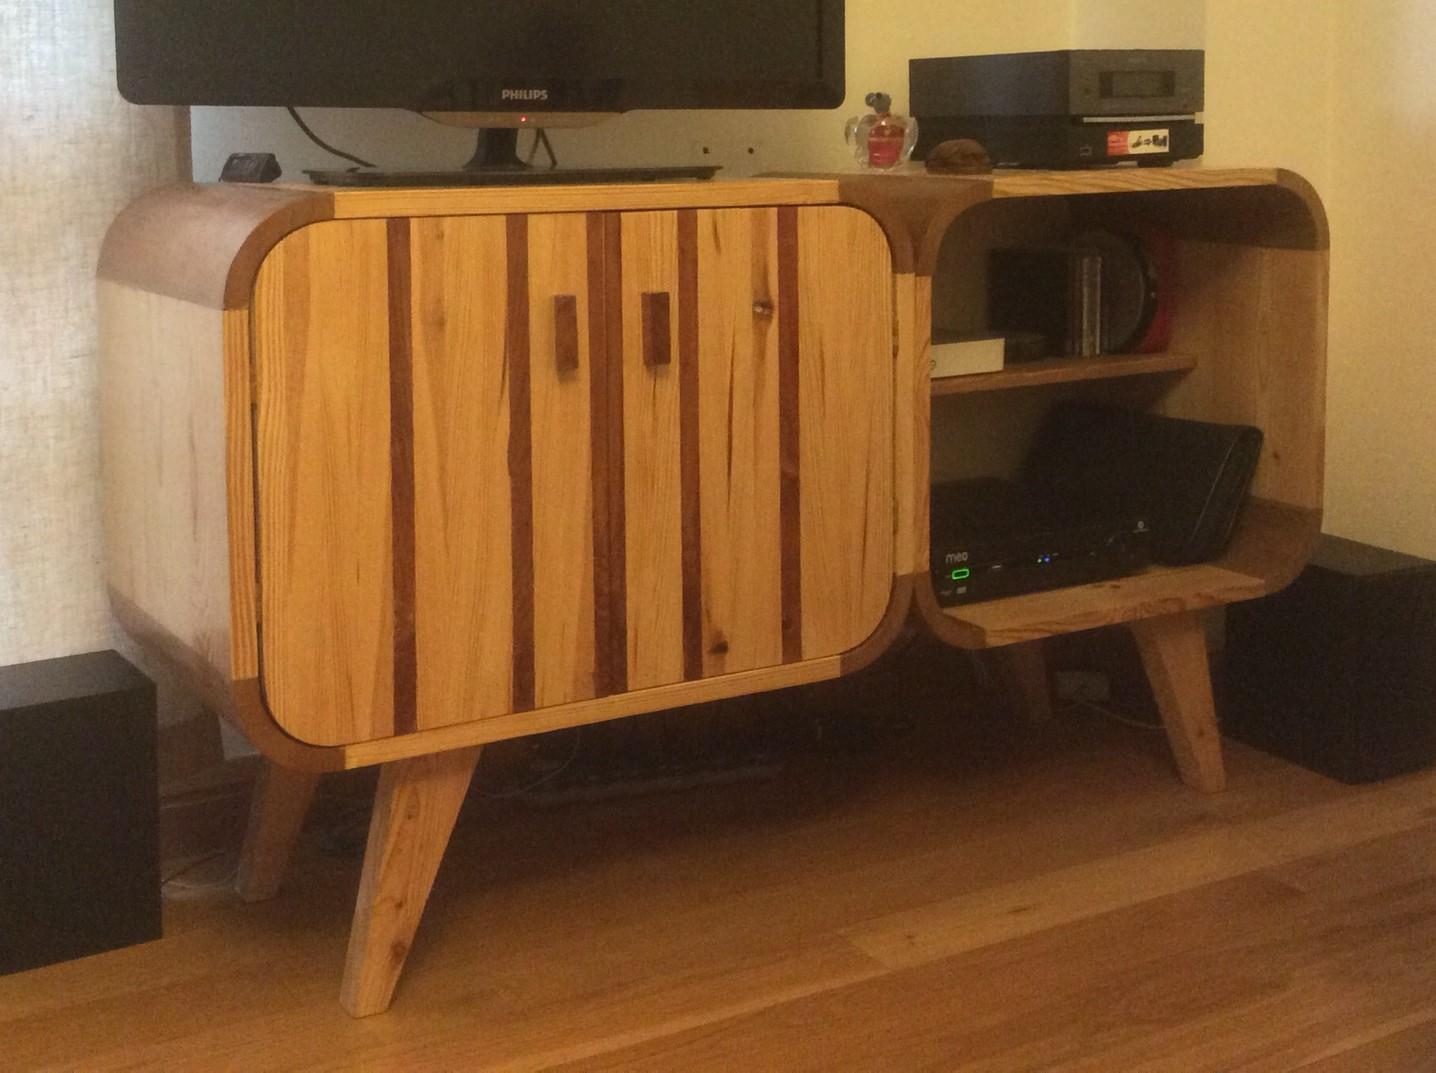 Móvel retro multimedia - Meuble multimédia rétro, meuble tv